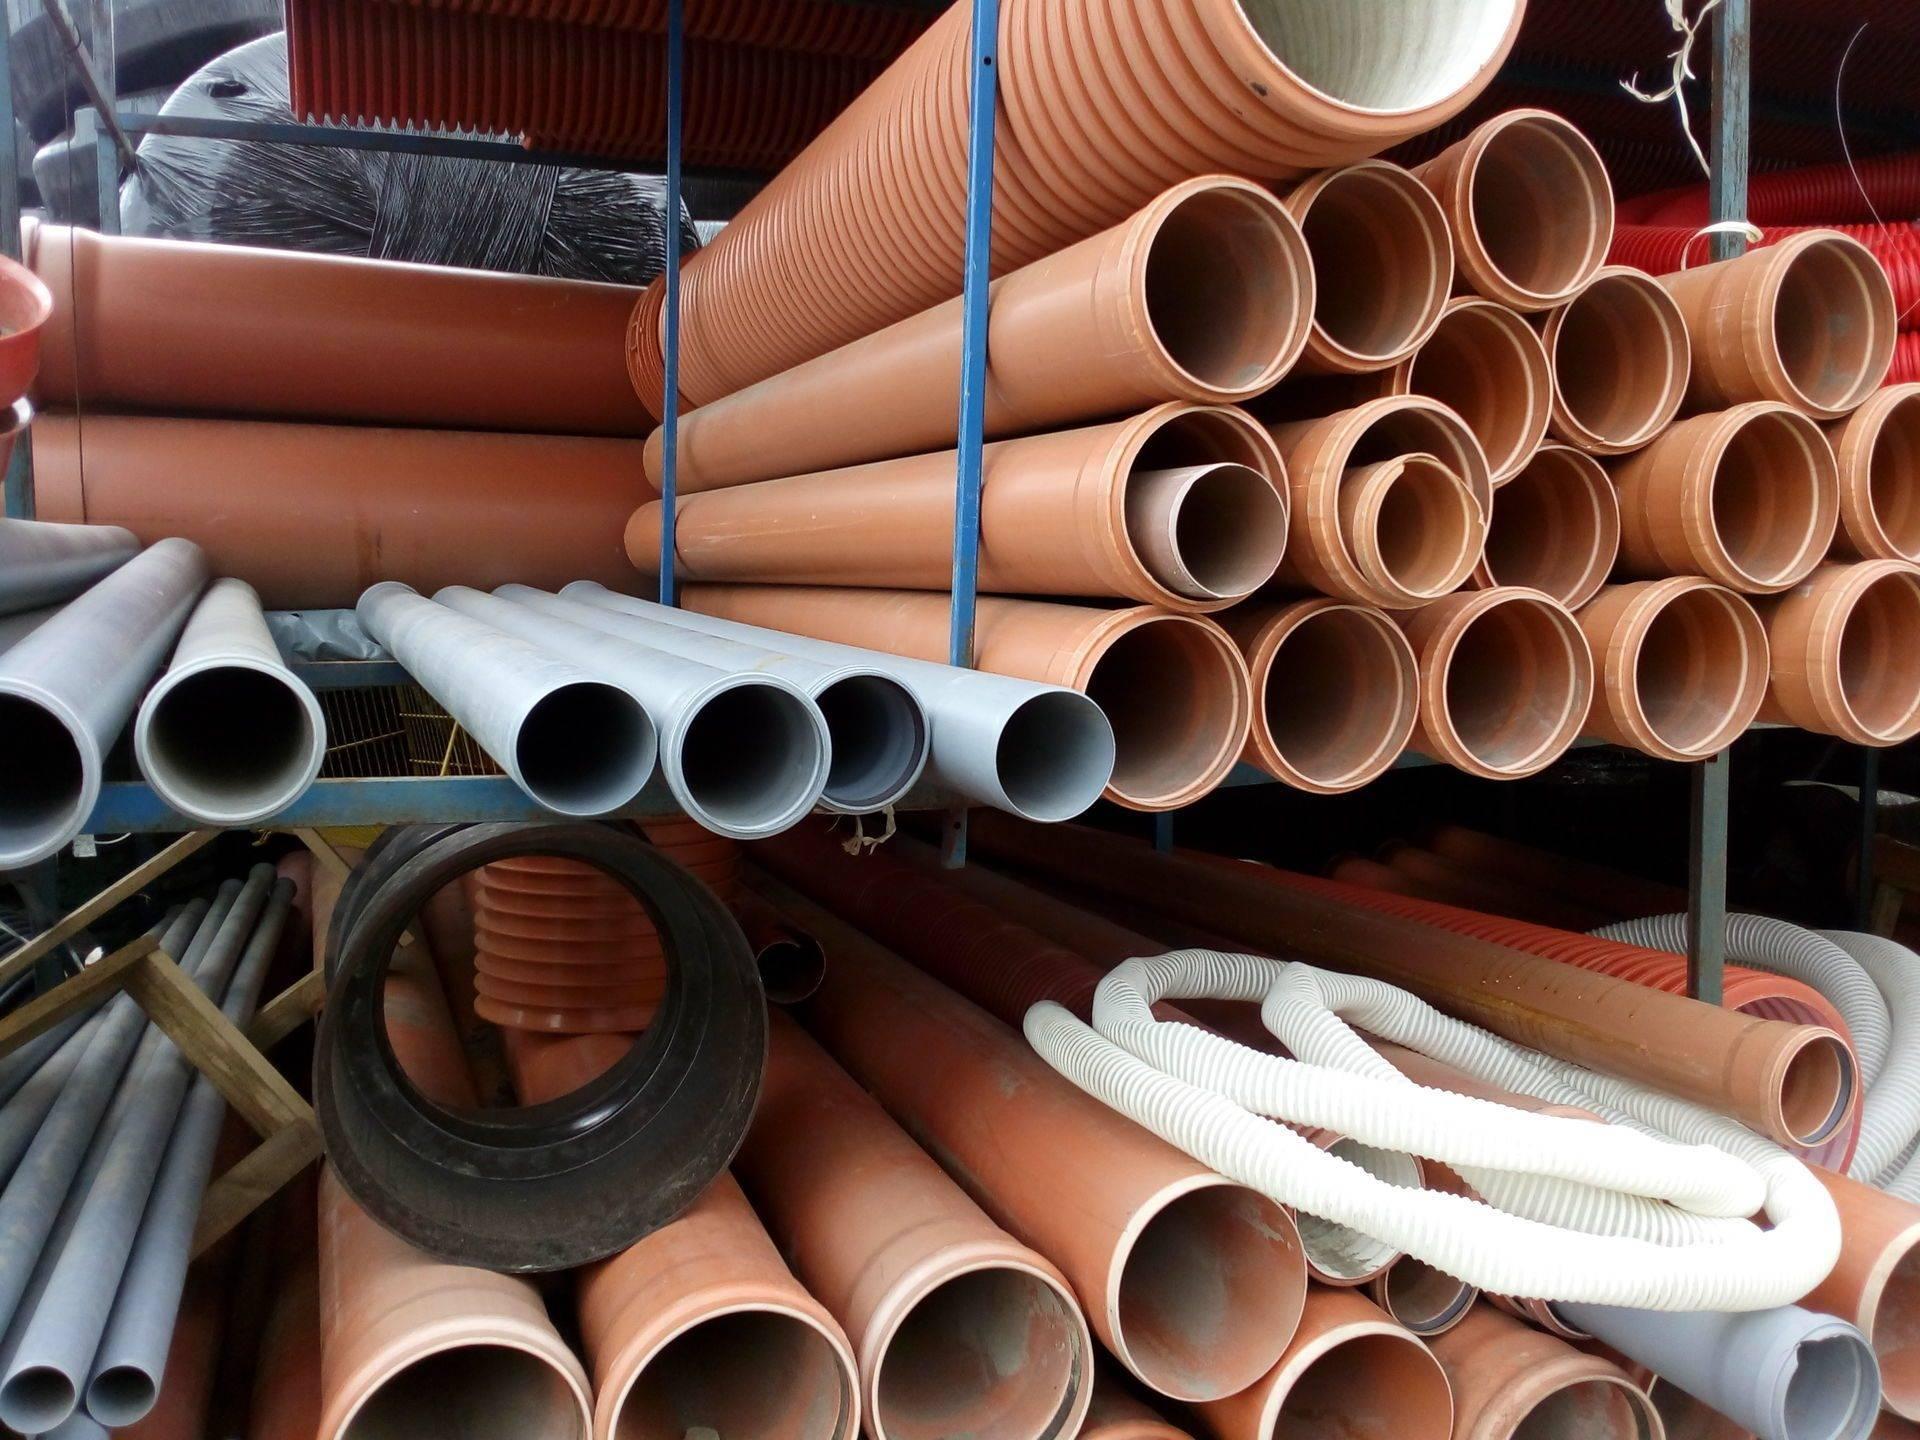 Канализационные трубы пвх для внутренней канализации размеры   все о септиках